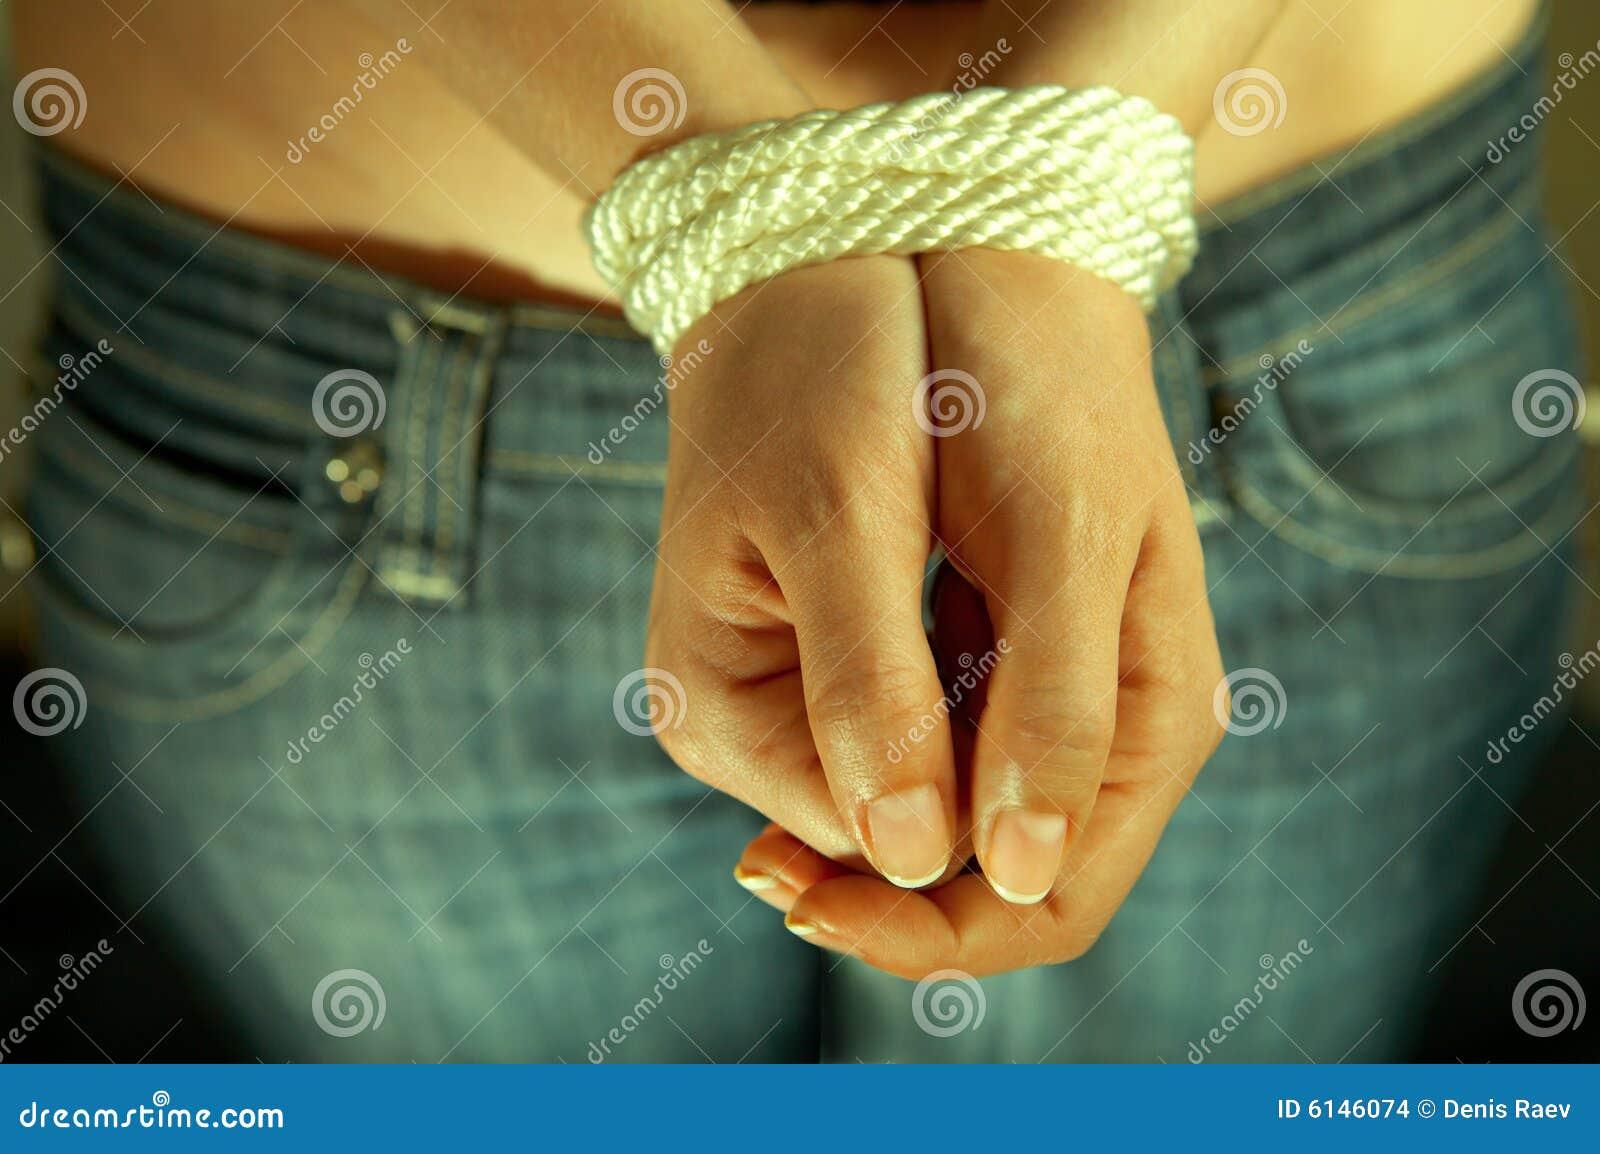 Связанные руки и ноги у девушек 5 фотография